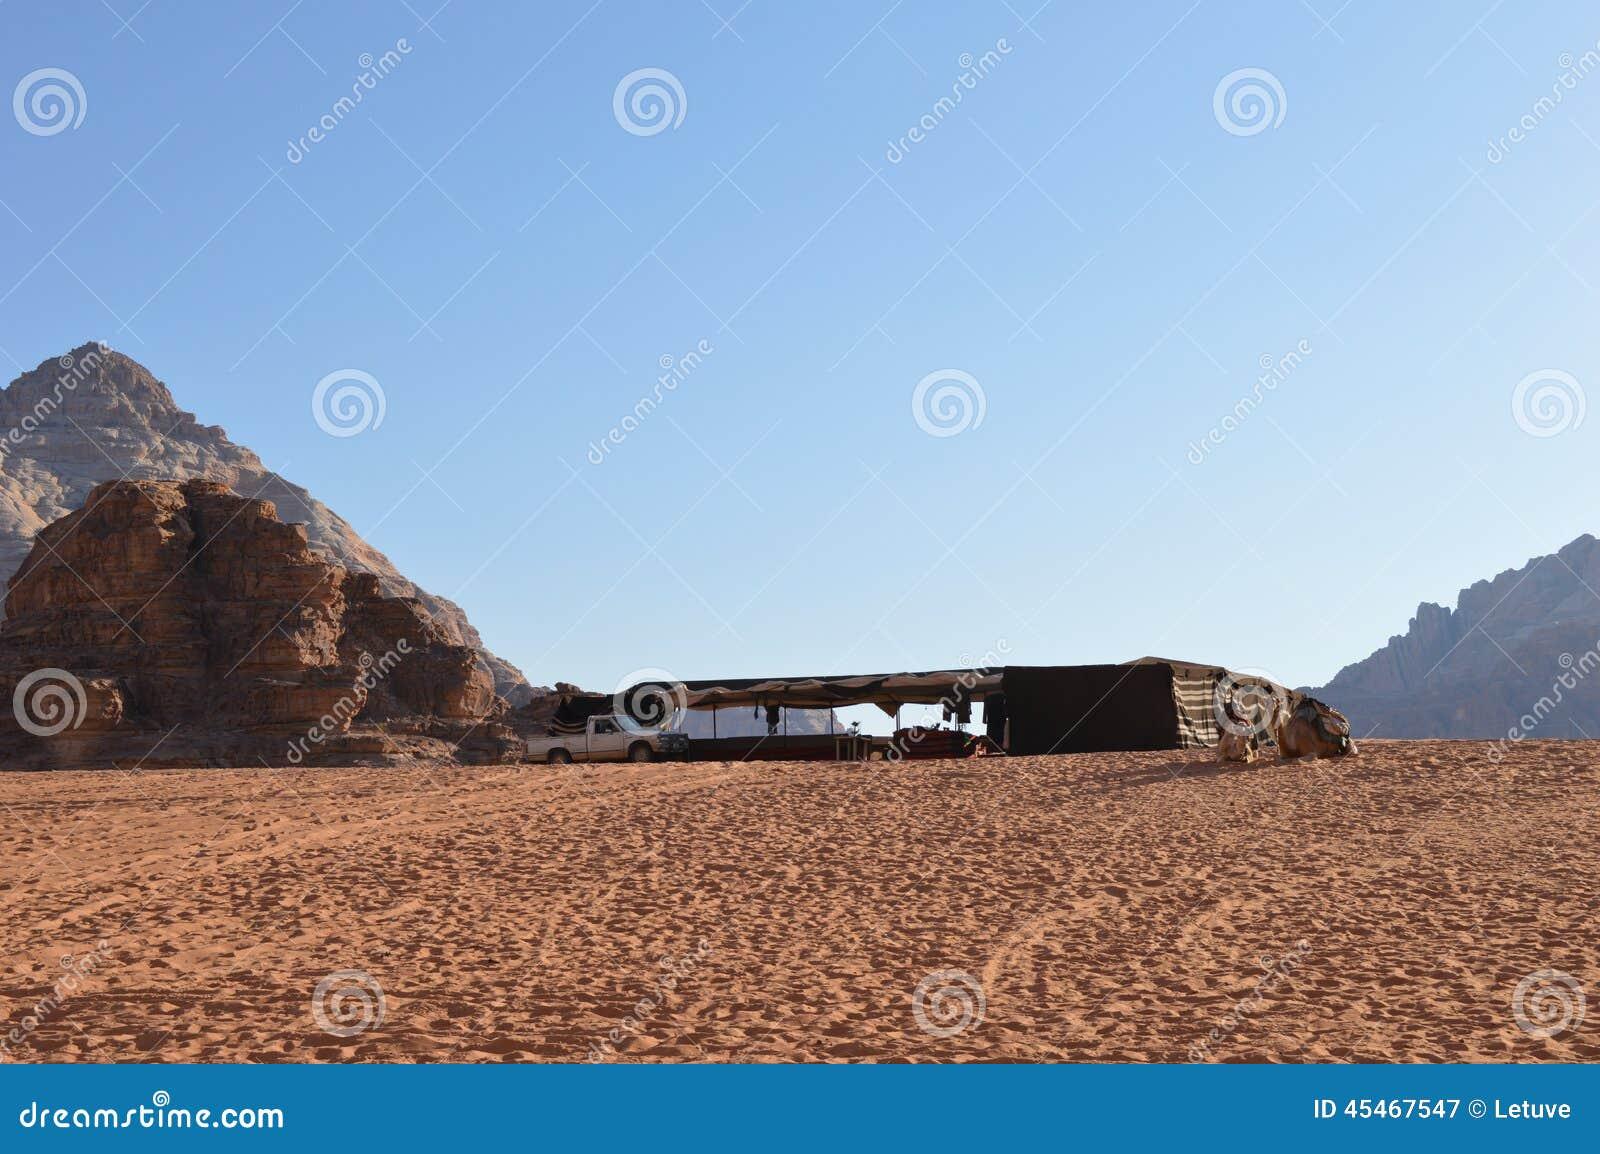 Bedouine tent Wadi Rum Jordan